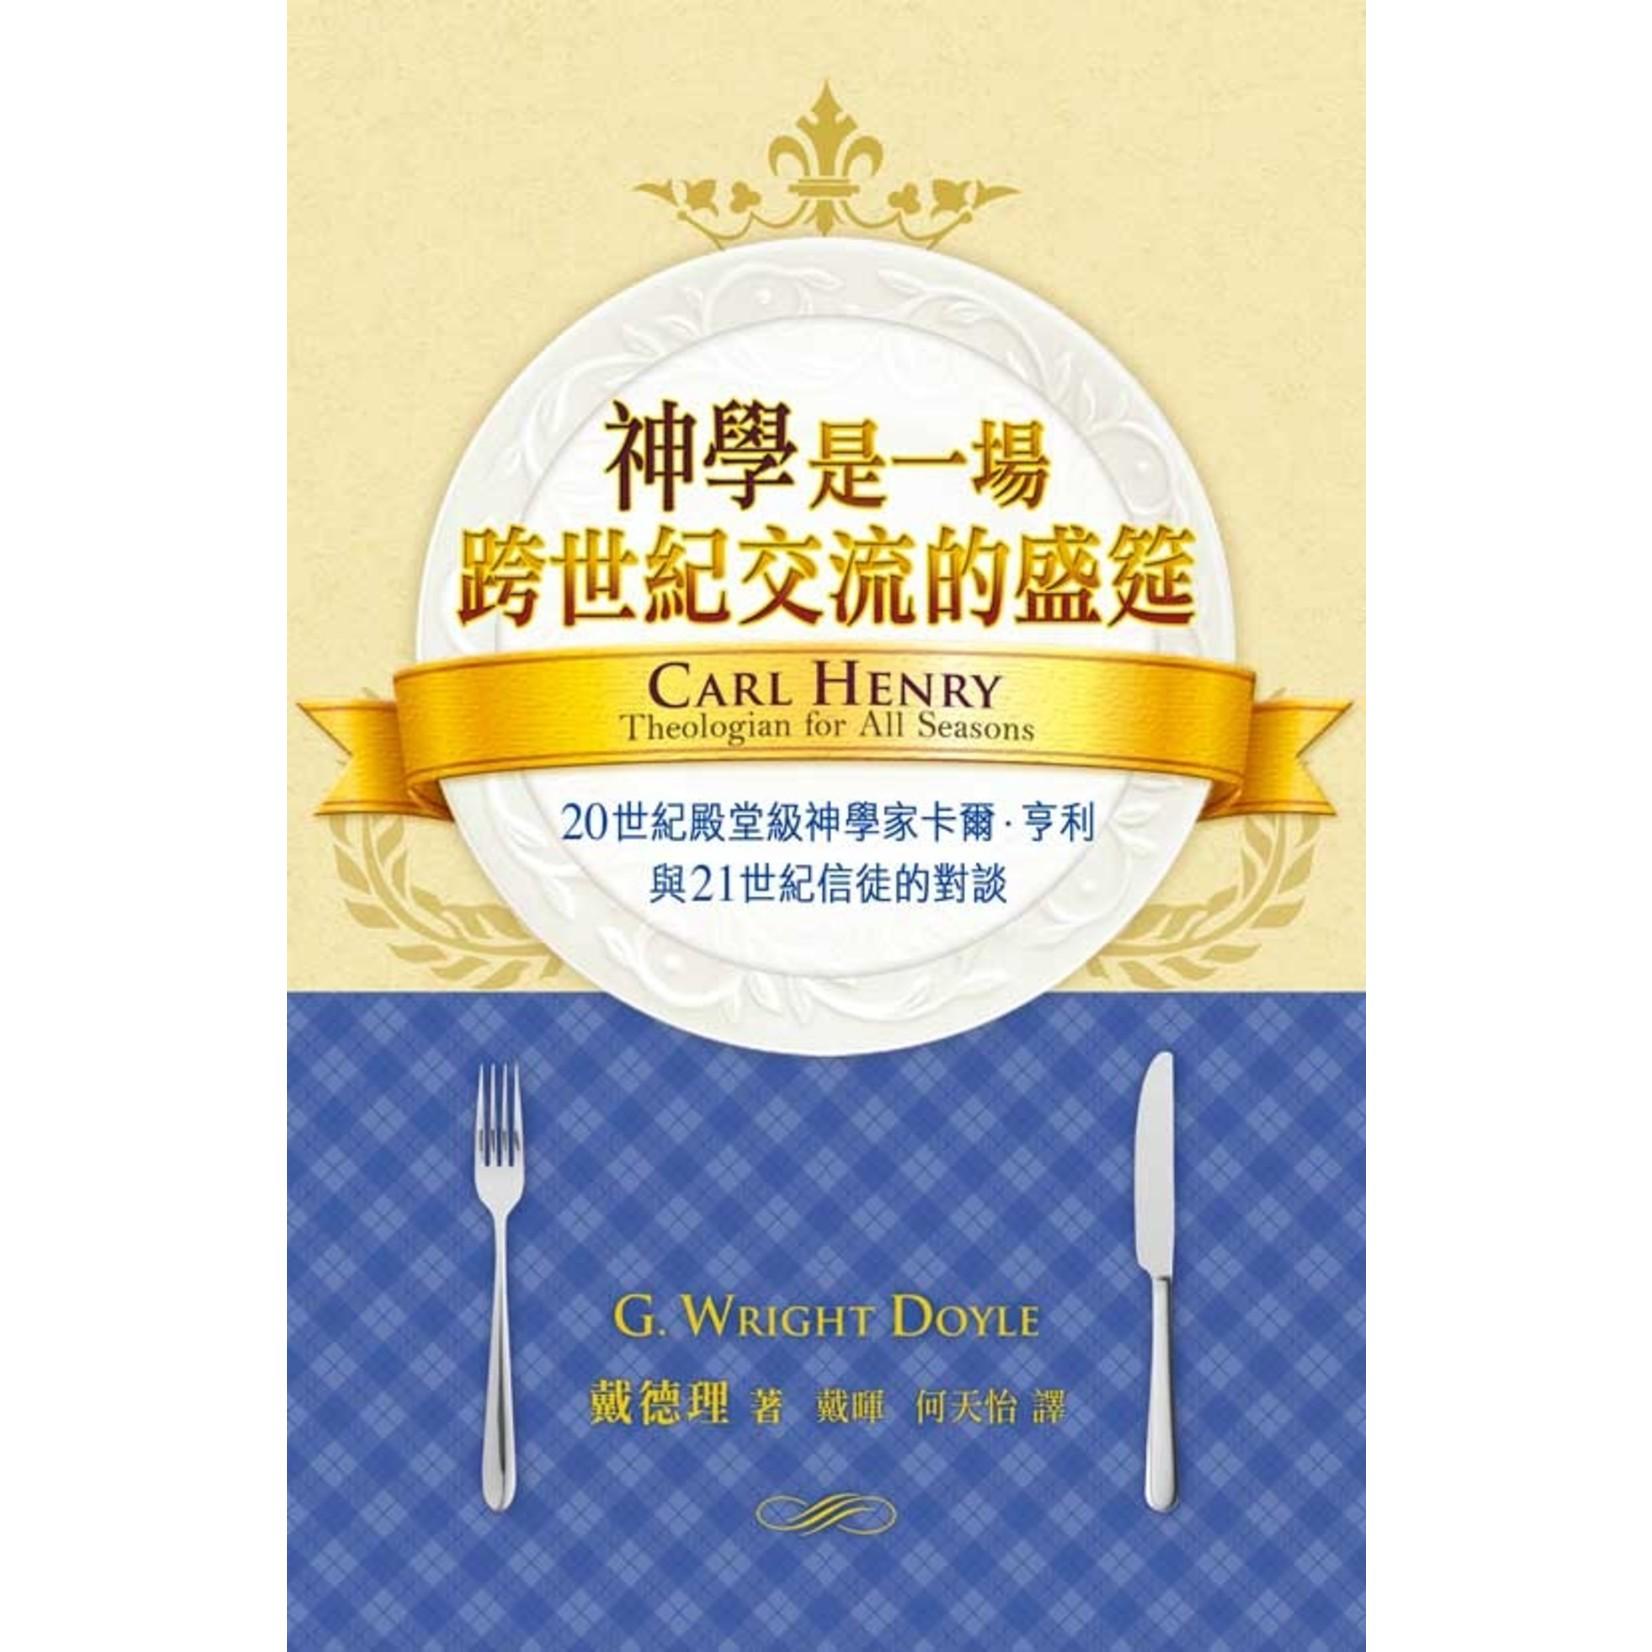 天道書樓 Tien Dao Publishing House 神學是一場跨世紀交流的盛筵:20世紀殿堂級神學家卡爾.亨利與21世紀信徒的對談 Carl Henry: Theologian for All Seasons